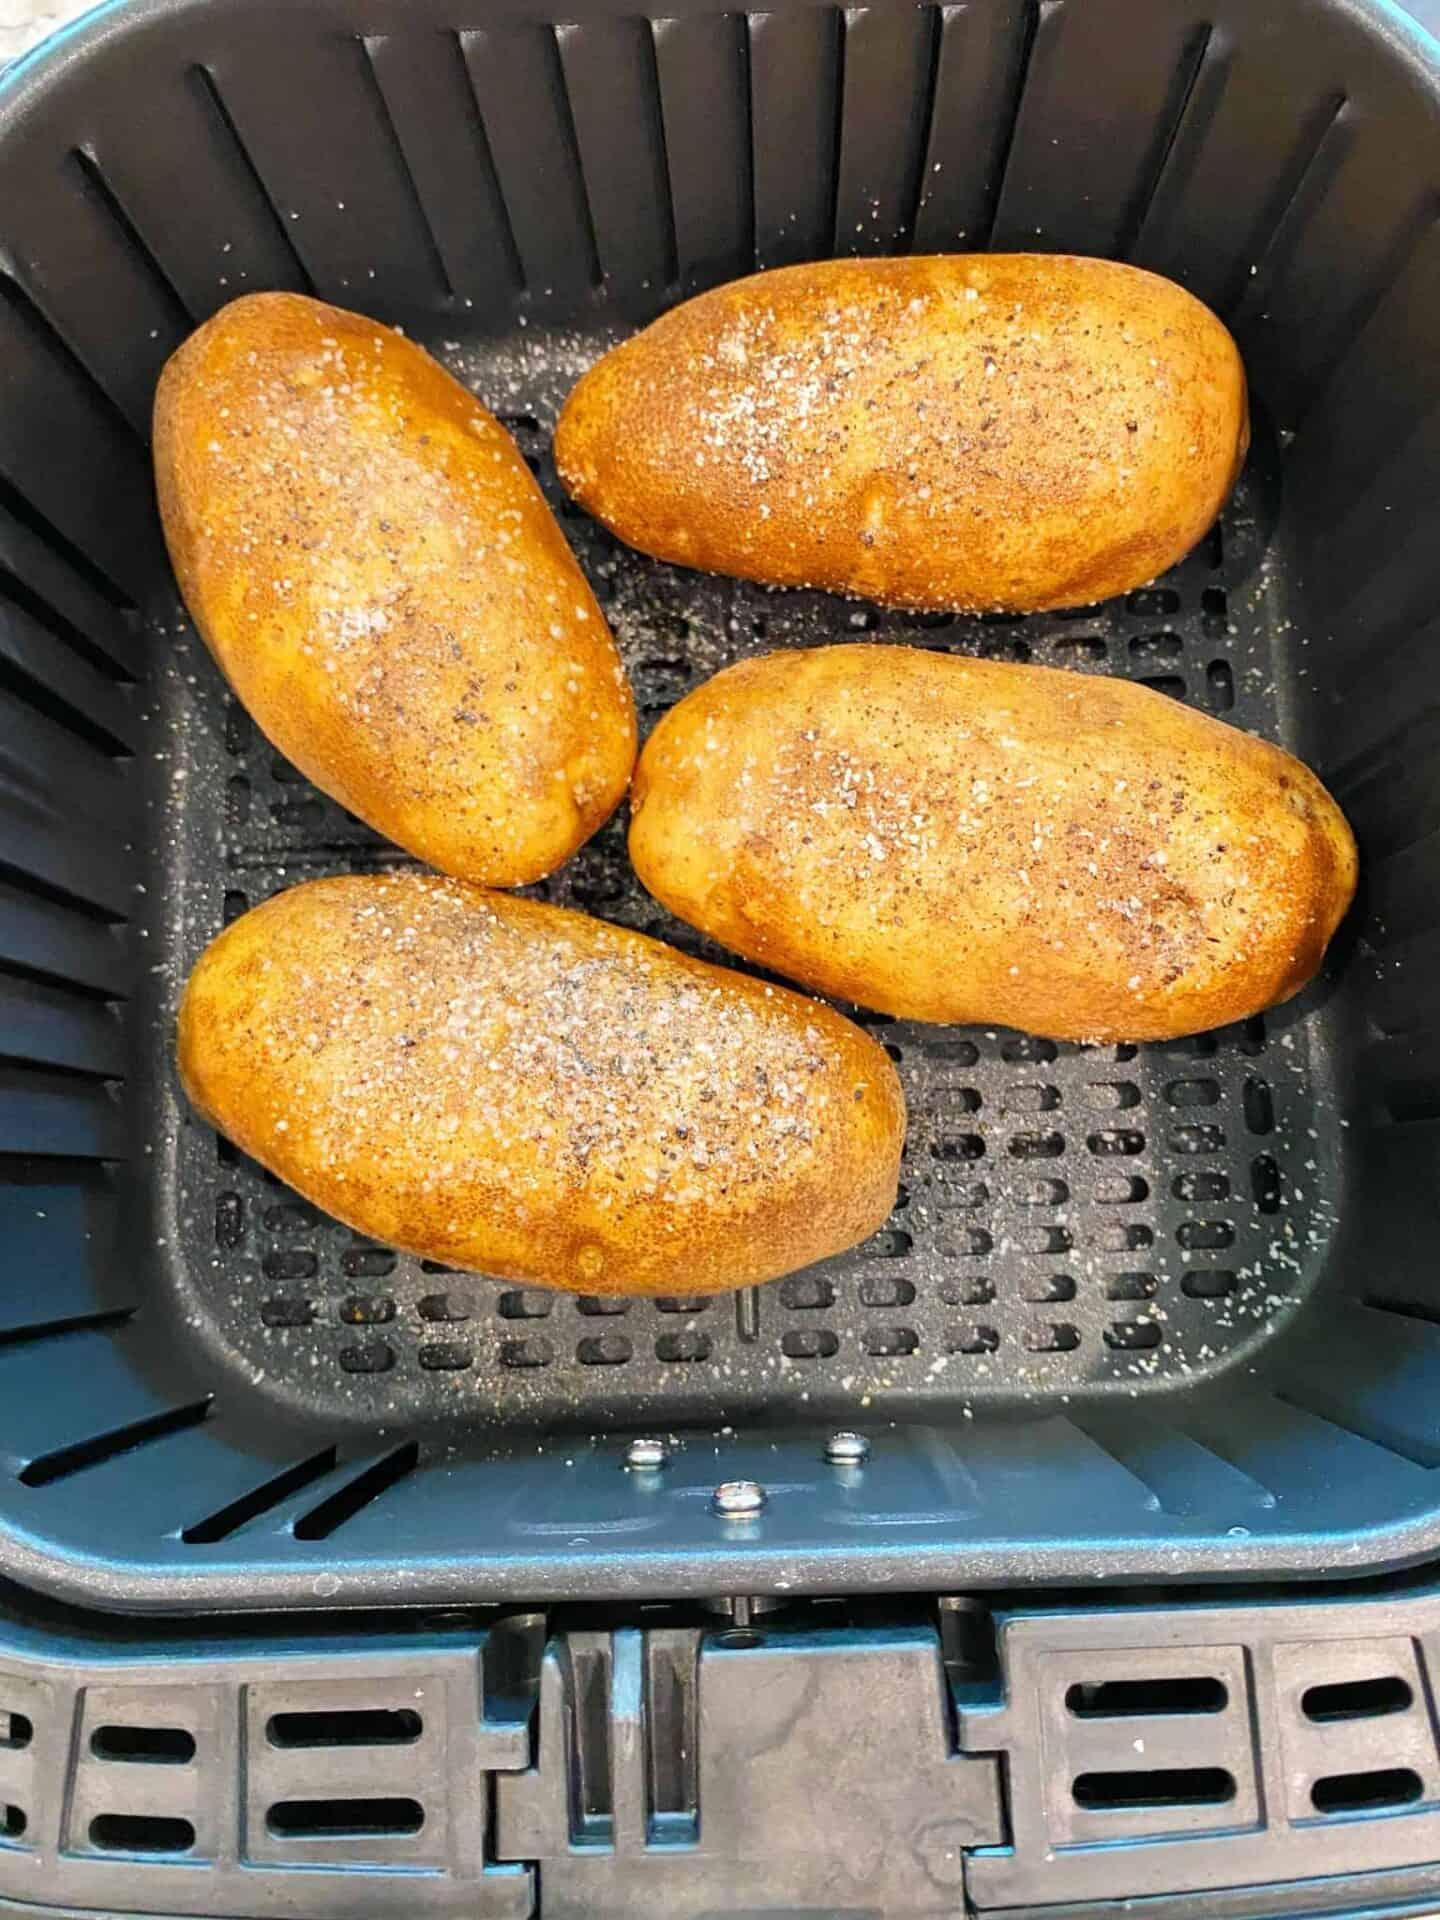 twice-baked-potatoes-air-fryer-salt-pepper